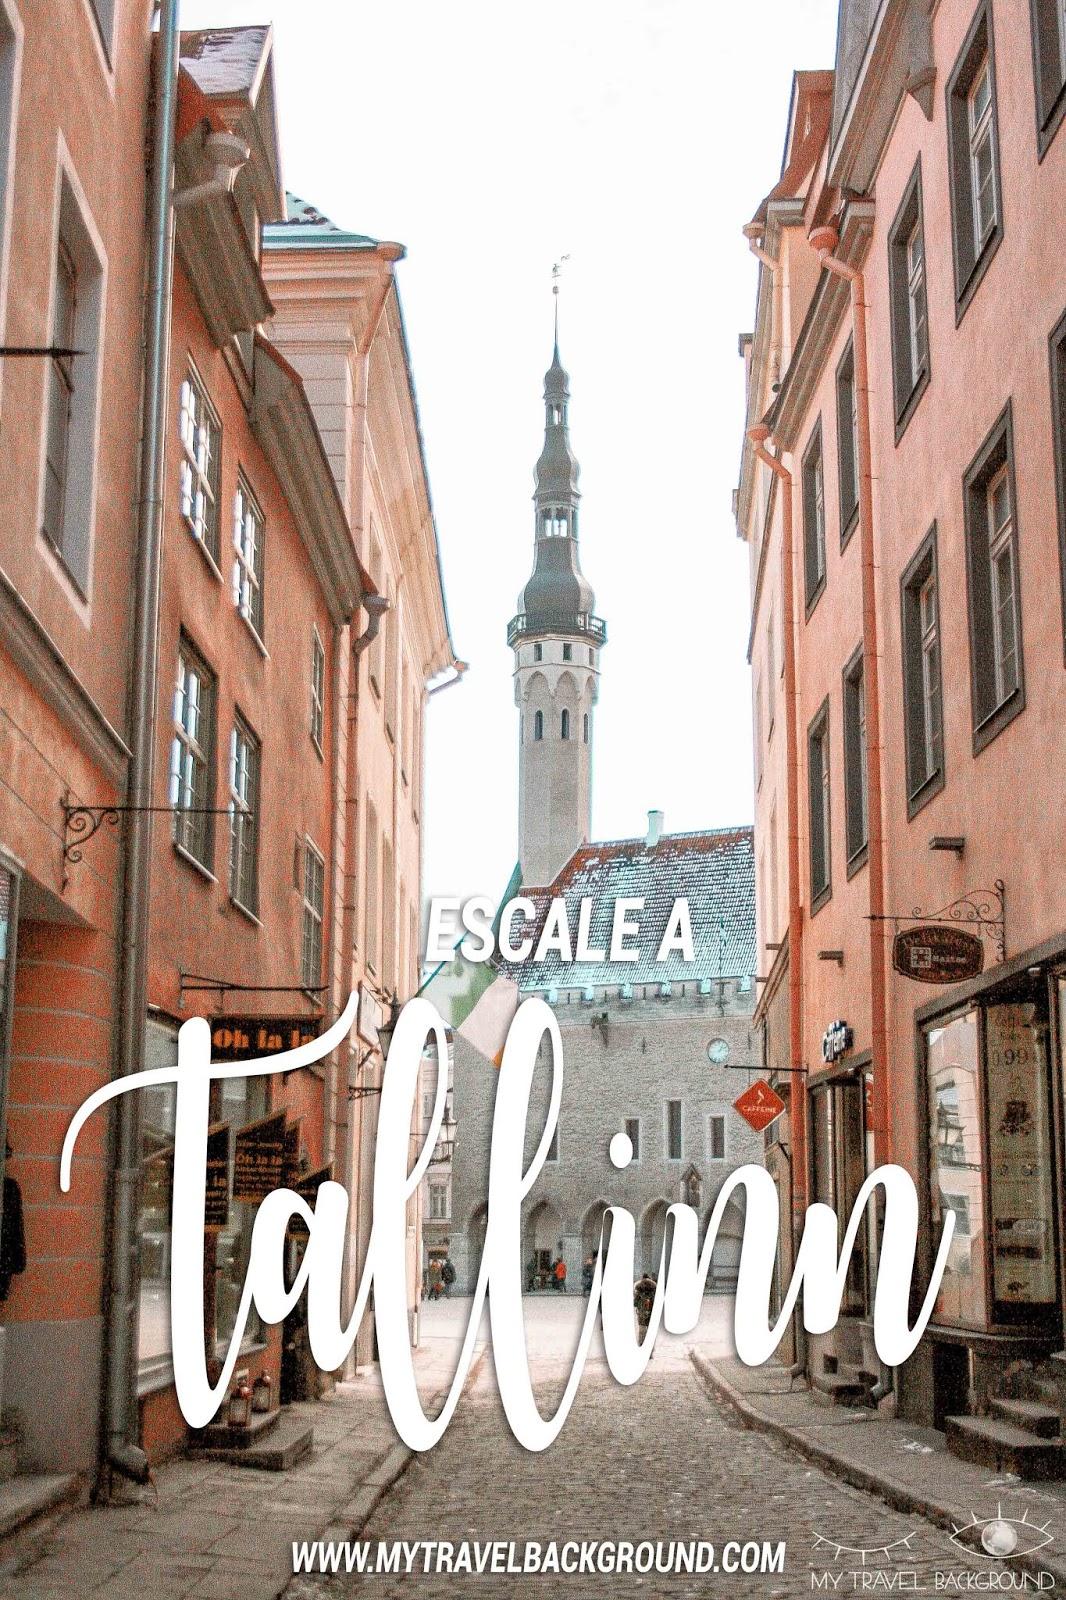 My Travel Background : Escale à Tallinn en Estonie, la perle de la Mer Baltique